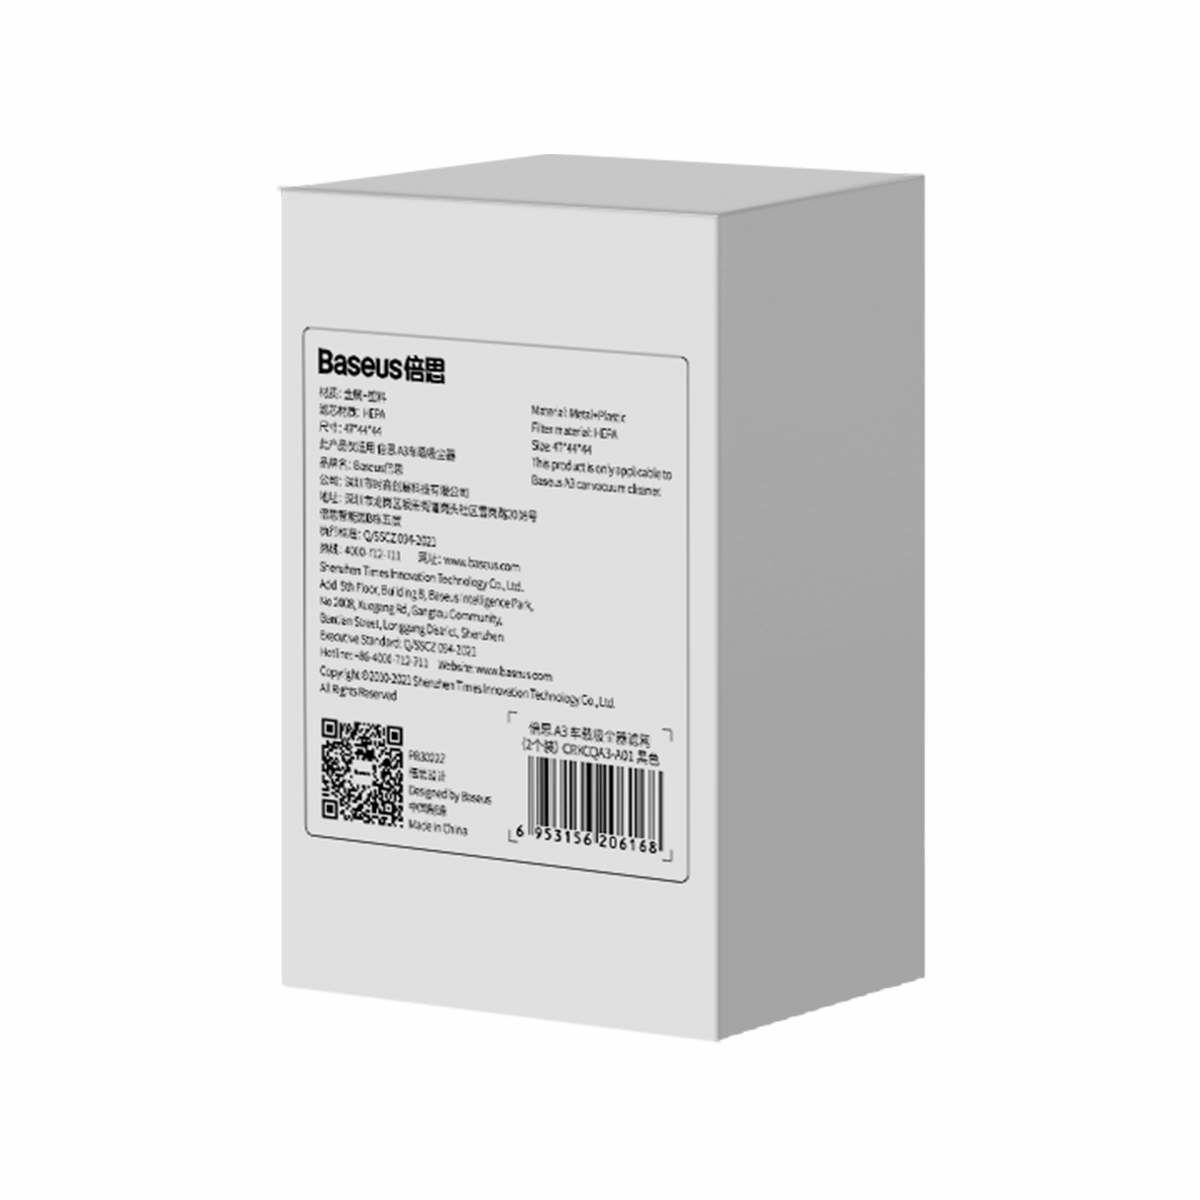 Baseus autós kiegészítő, porszívó A3 szűrő (2 db), fekete (CRXCQA3-A01)